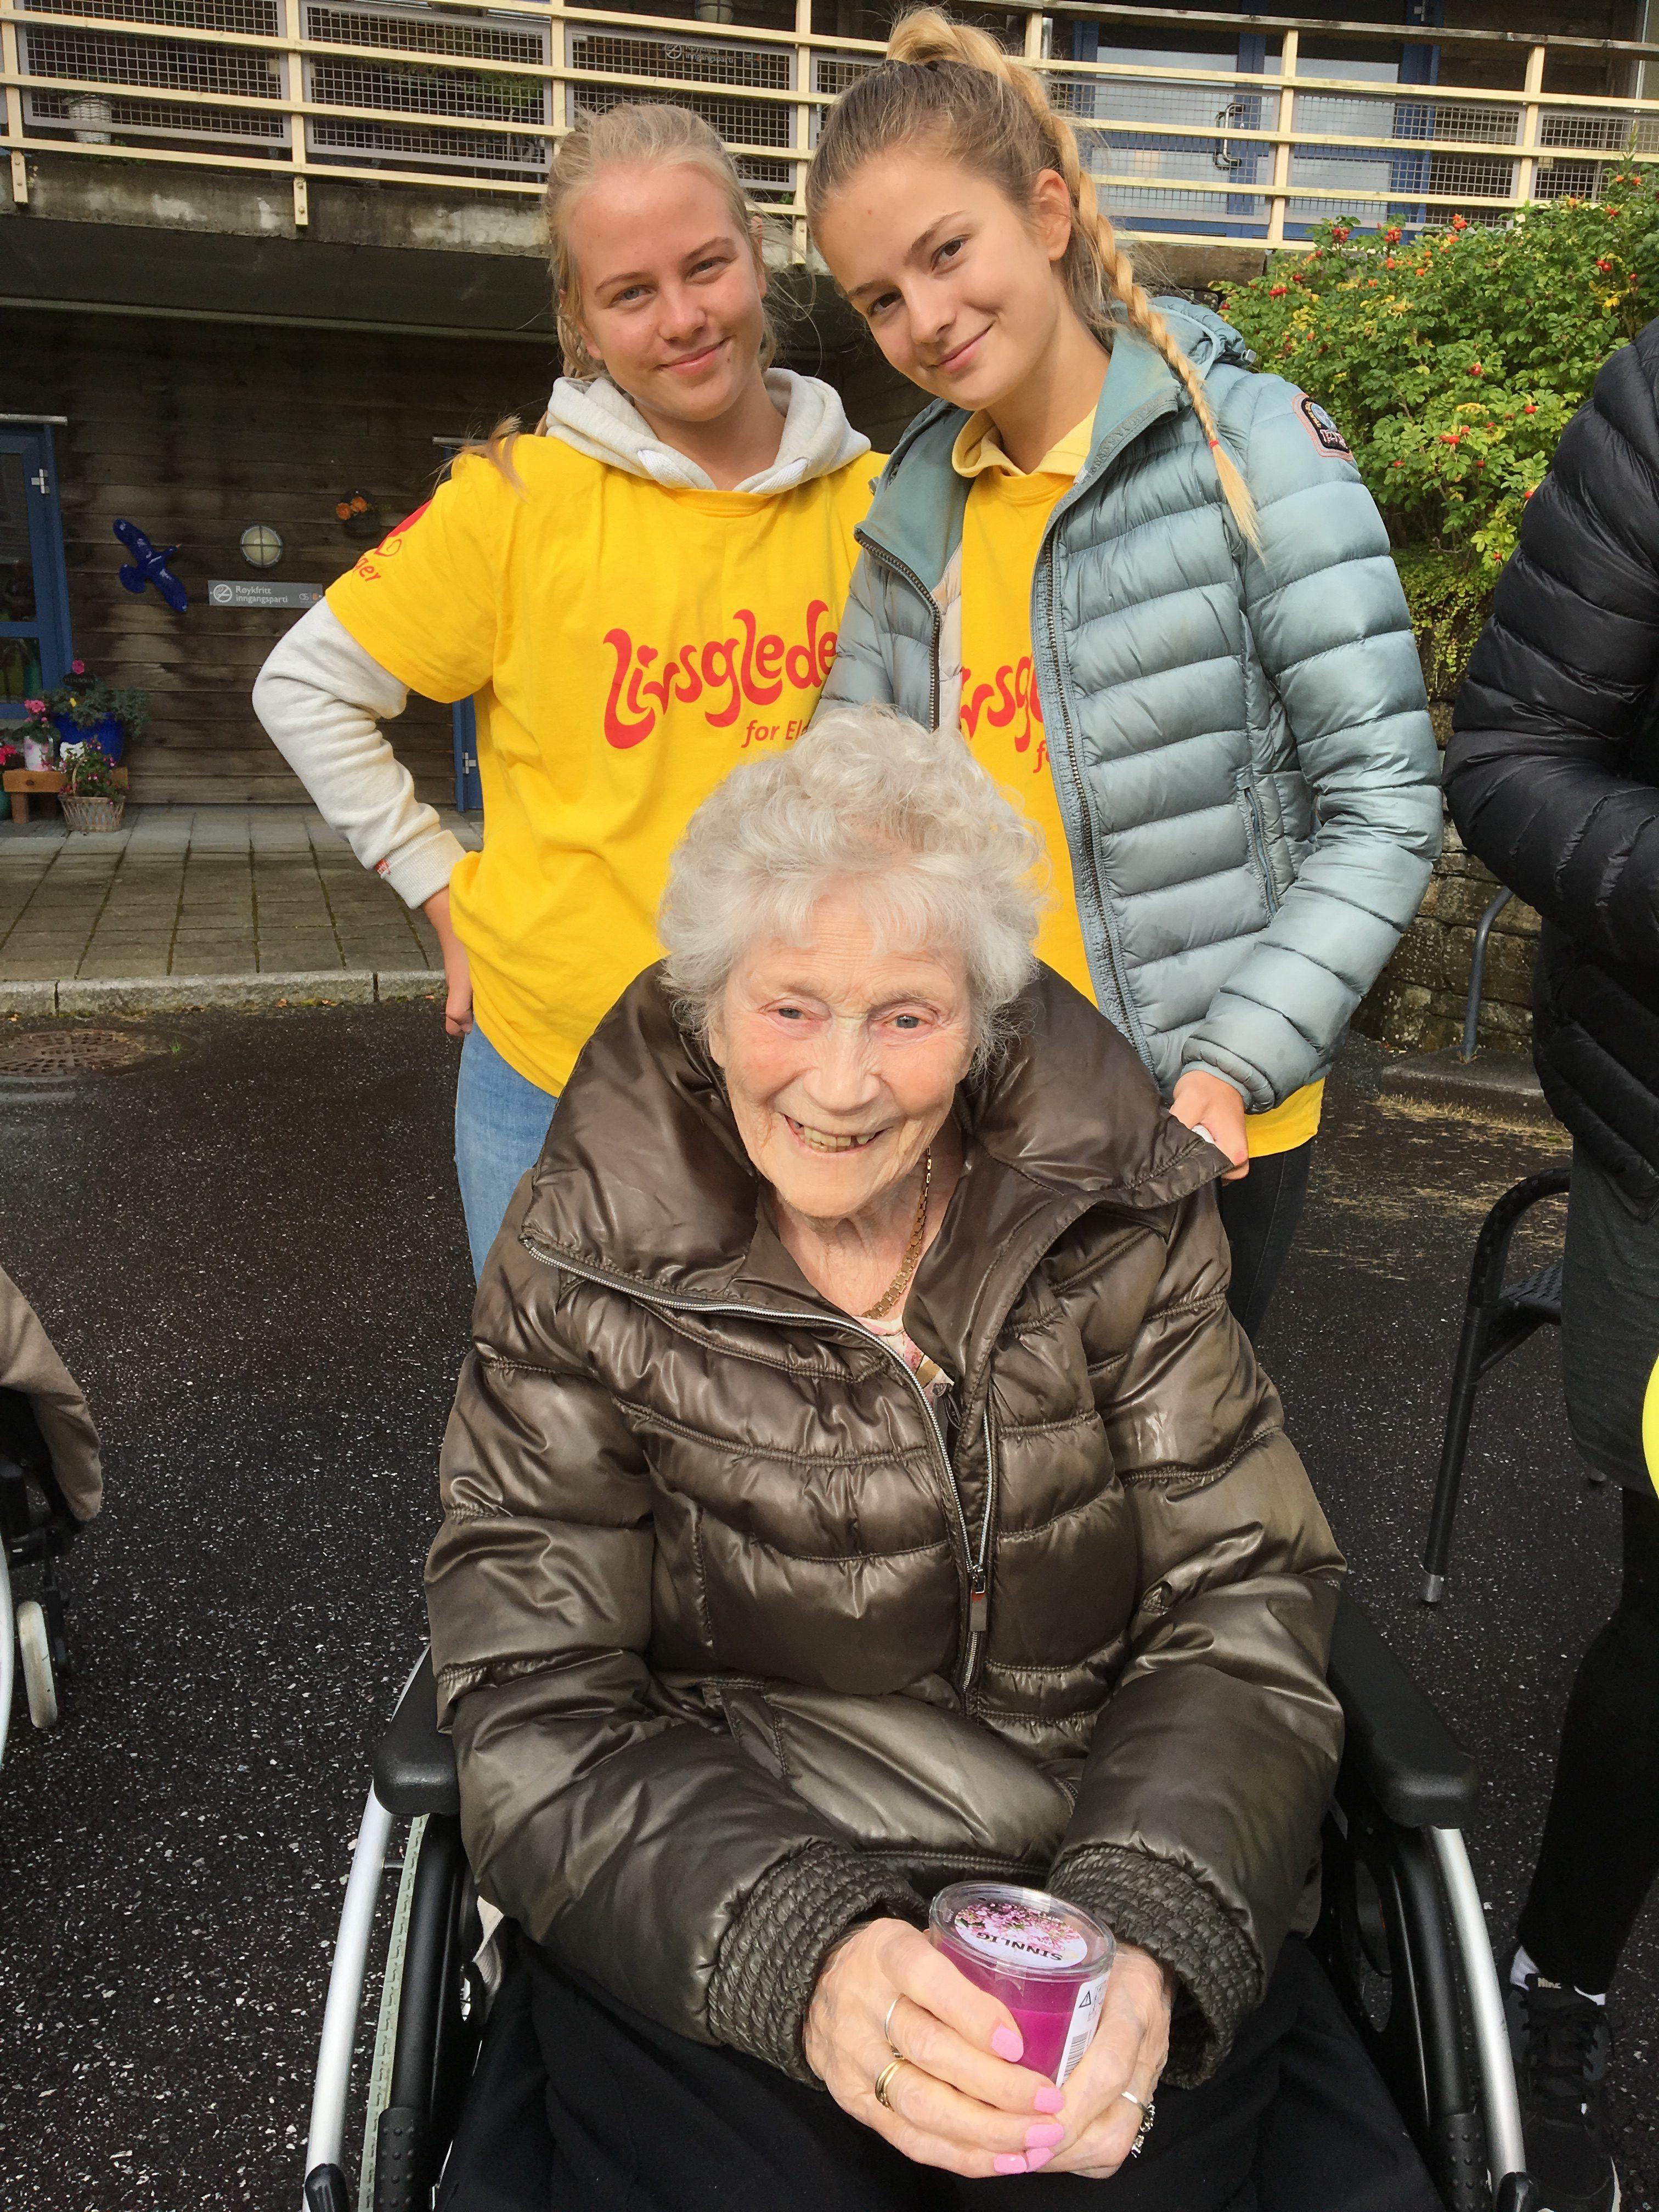 065cc1d2 Judith på96 år her sammen med elevene Emilie og Kine har deltatt på bowling  og fikk lysestake i premie. Hun hadde også fått manikyr – rosa neglelakk ...